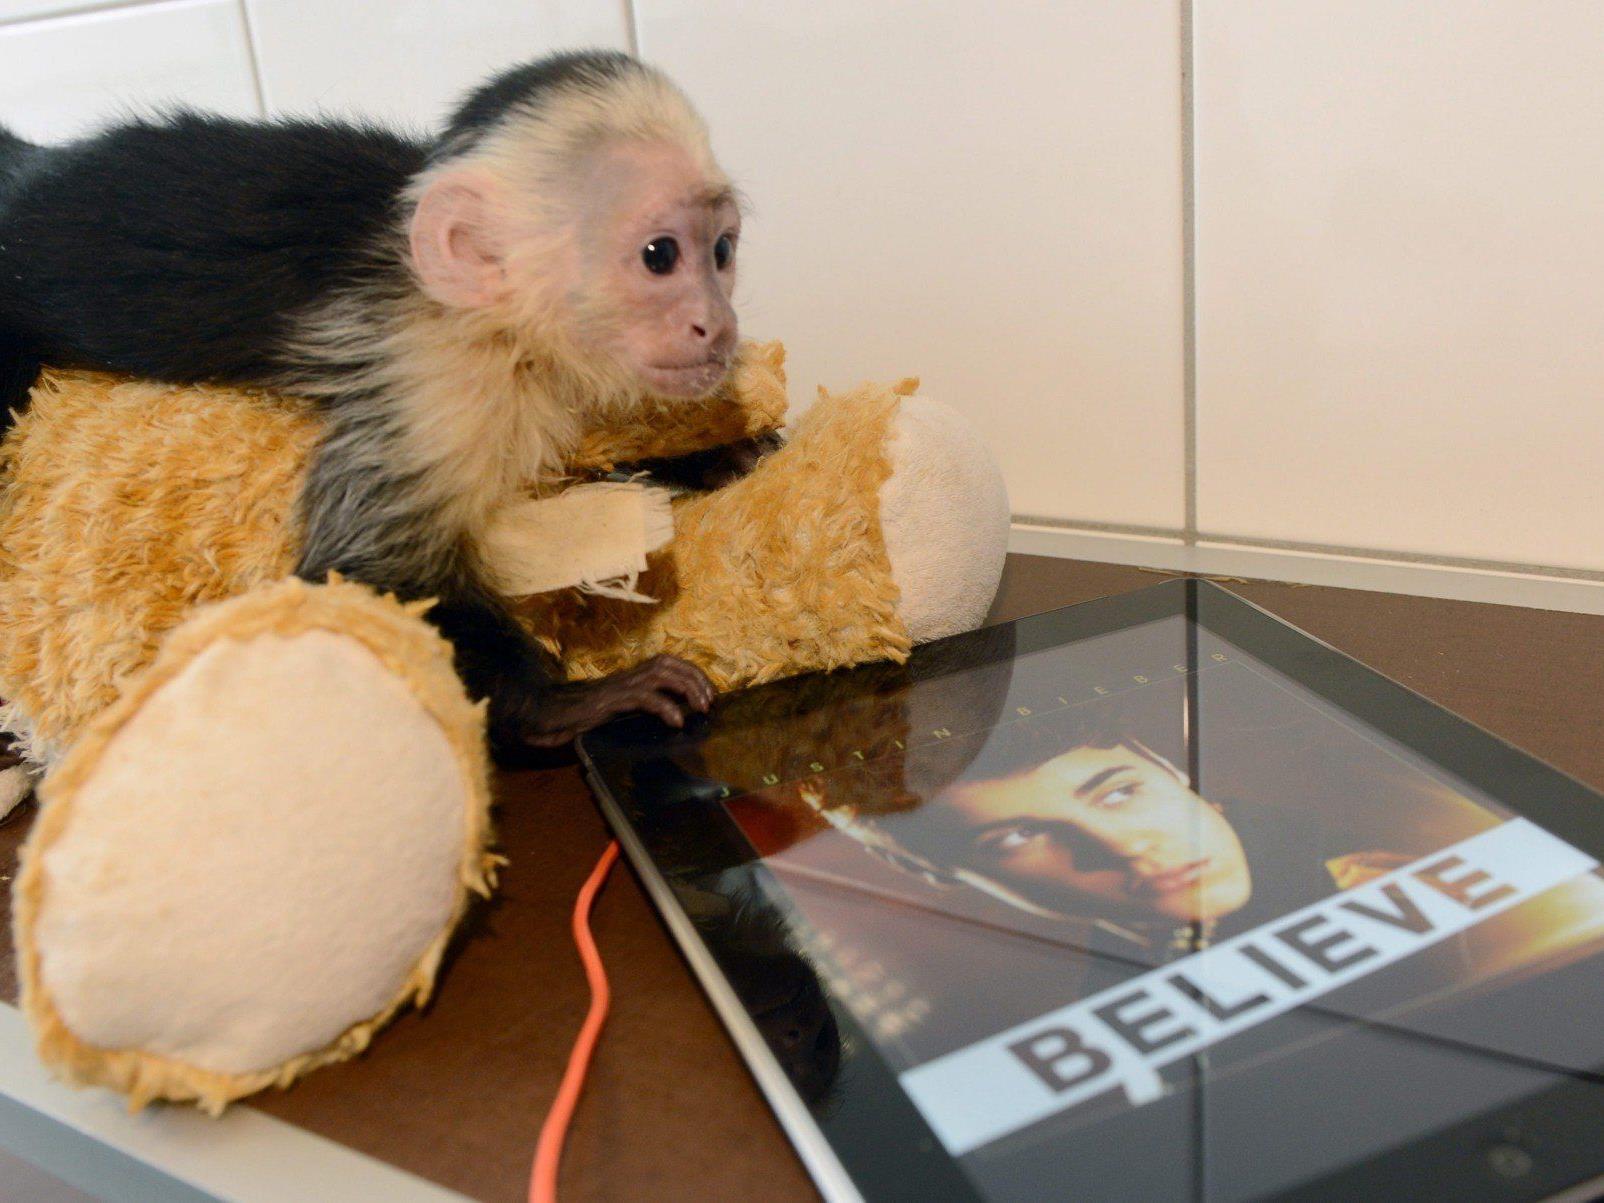 Am Gründonnerstag vom Zoll beschlagnahmt: Biebers Affe Mally ist weiterhin in Münchner Tierheim